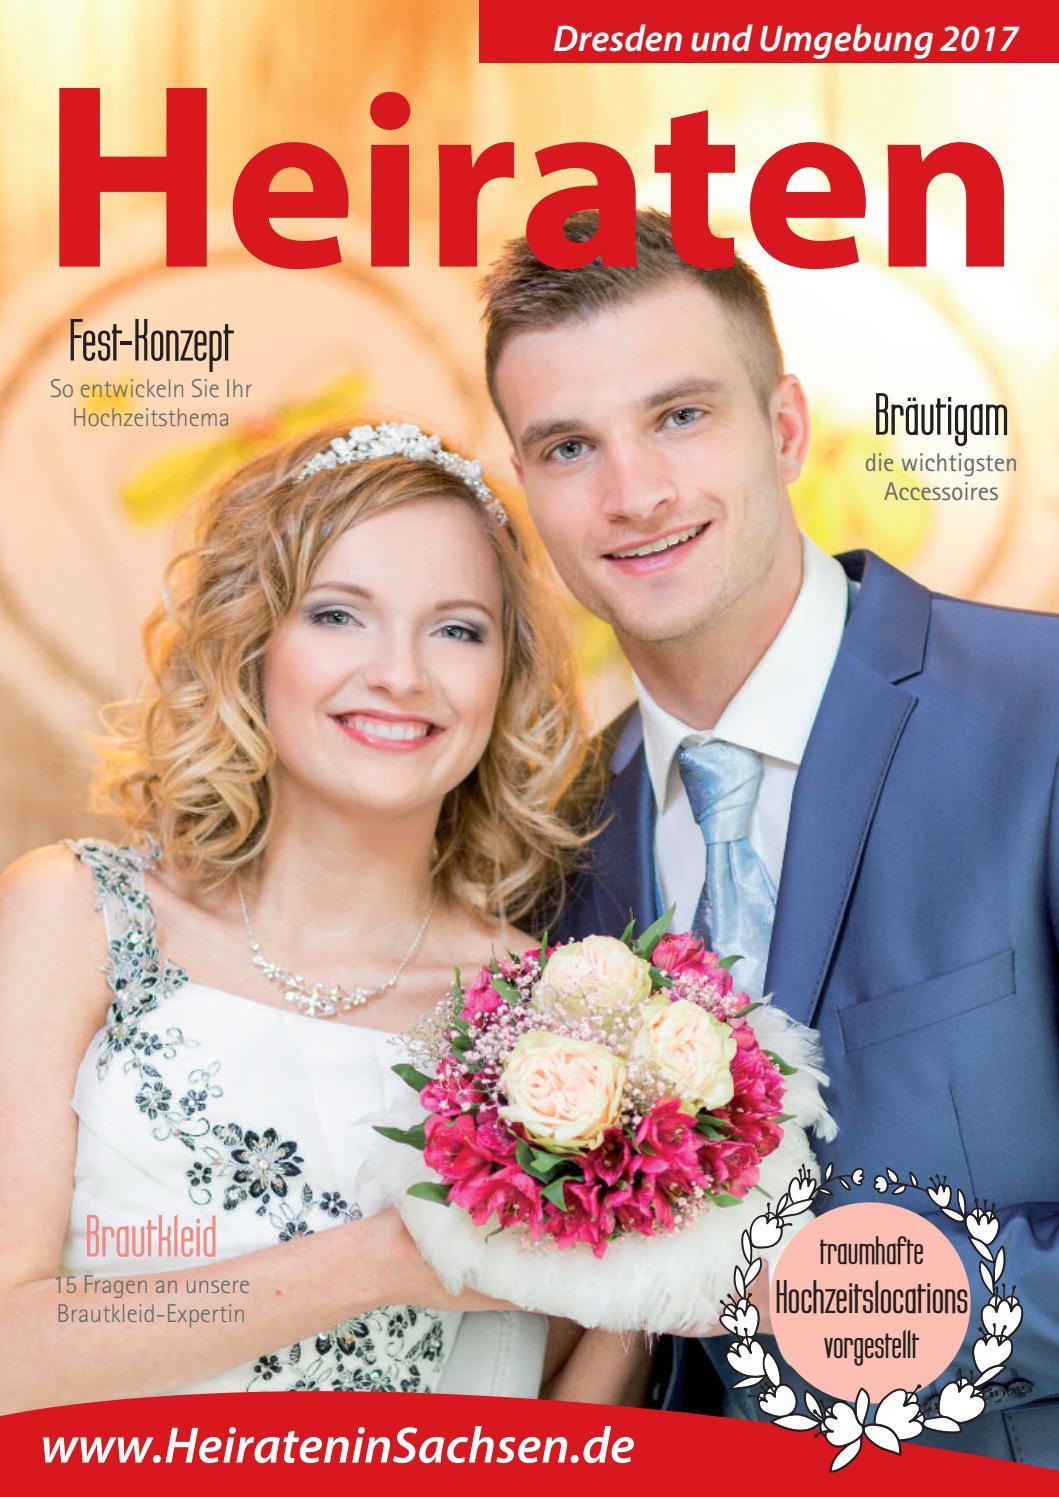 Heiraten in Dresden und Umgebung 2017 by Werbung & Satz Fendler - issuu